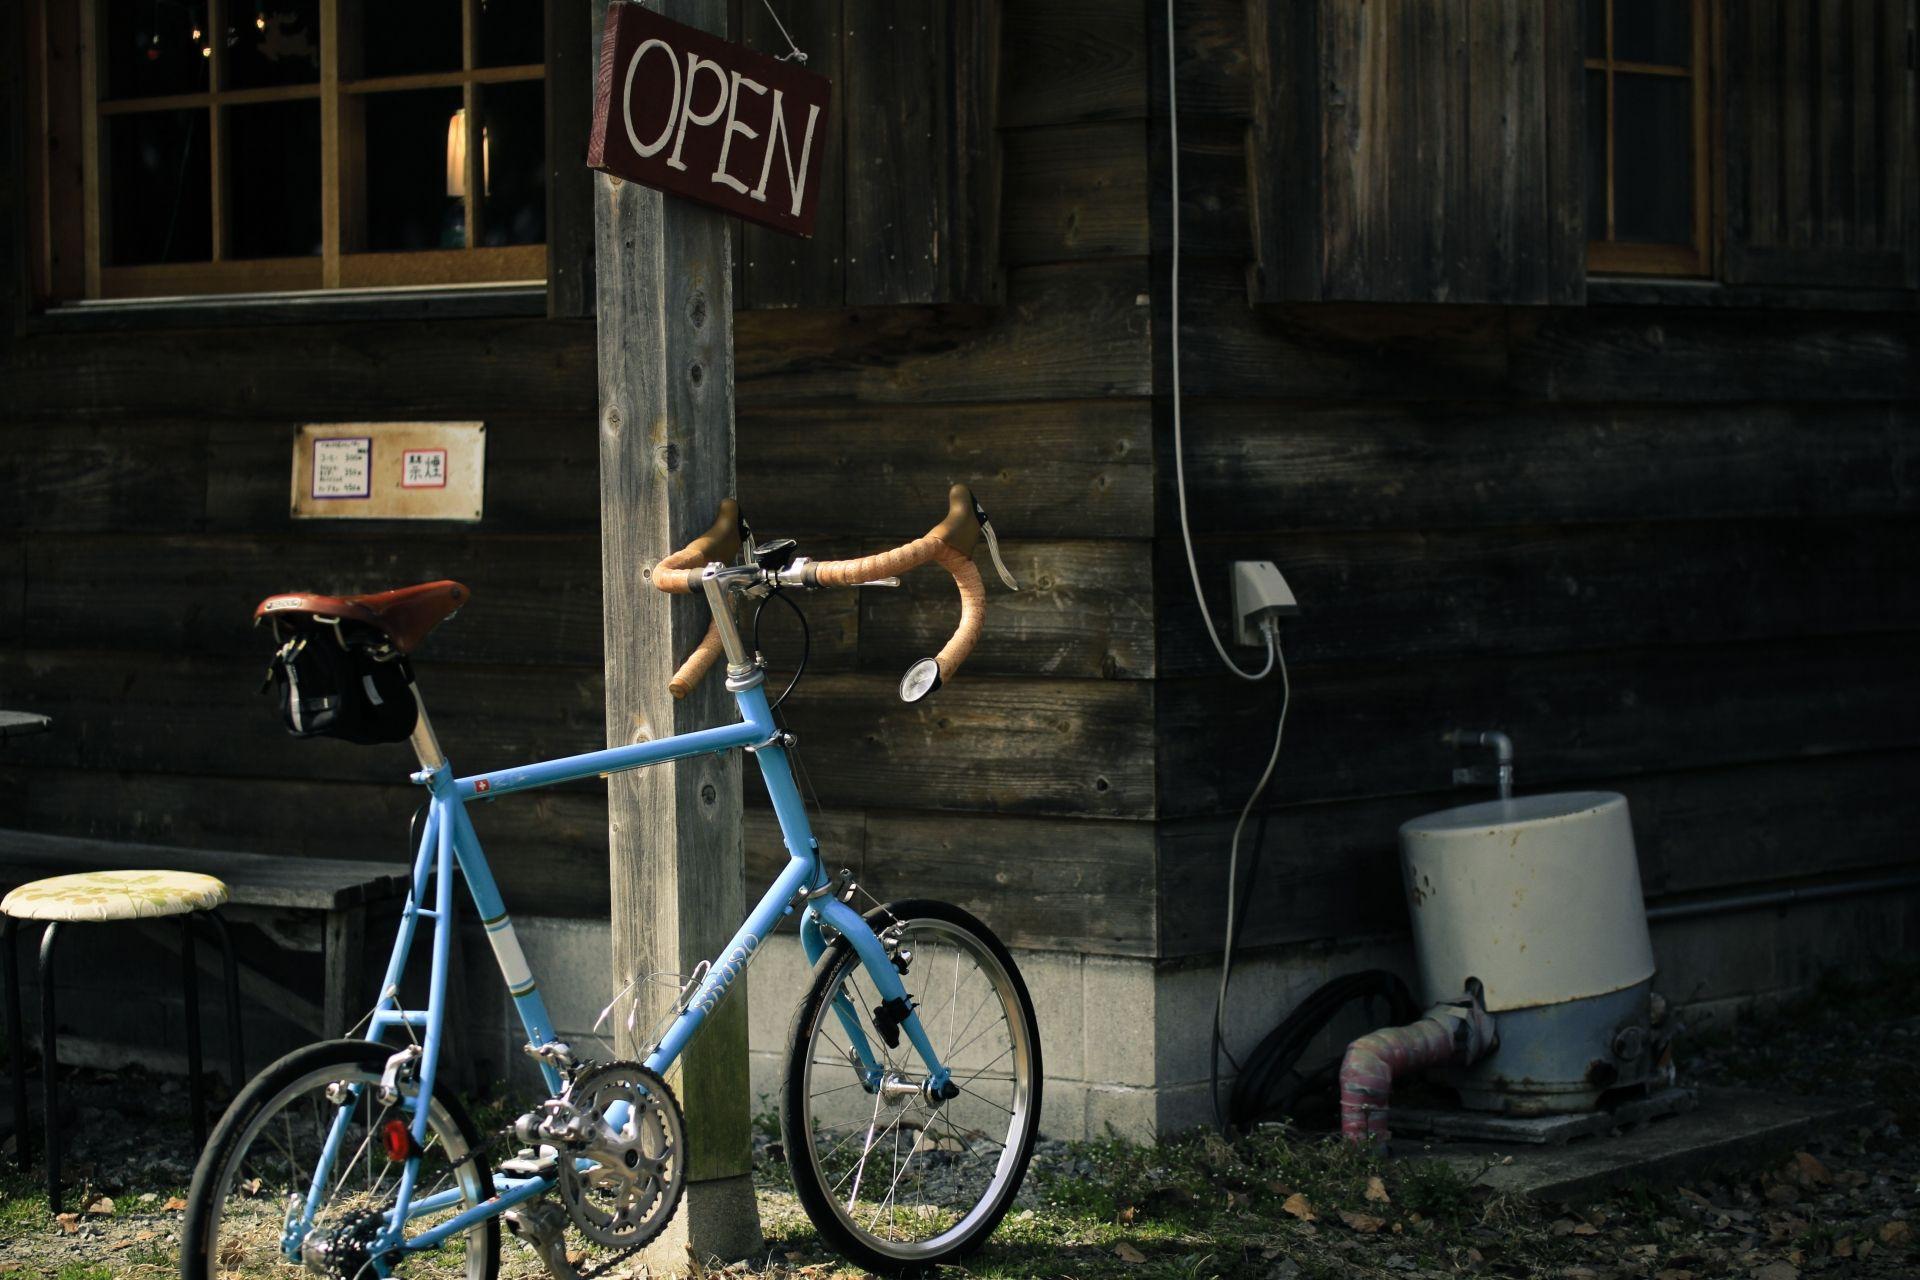 ミニベロ・小径自転車などを考えているのだが【ミニベロチェック】